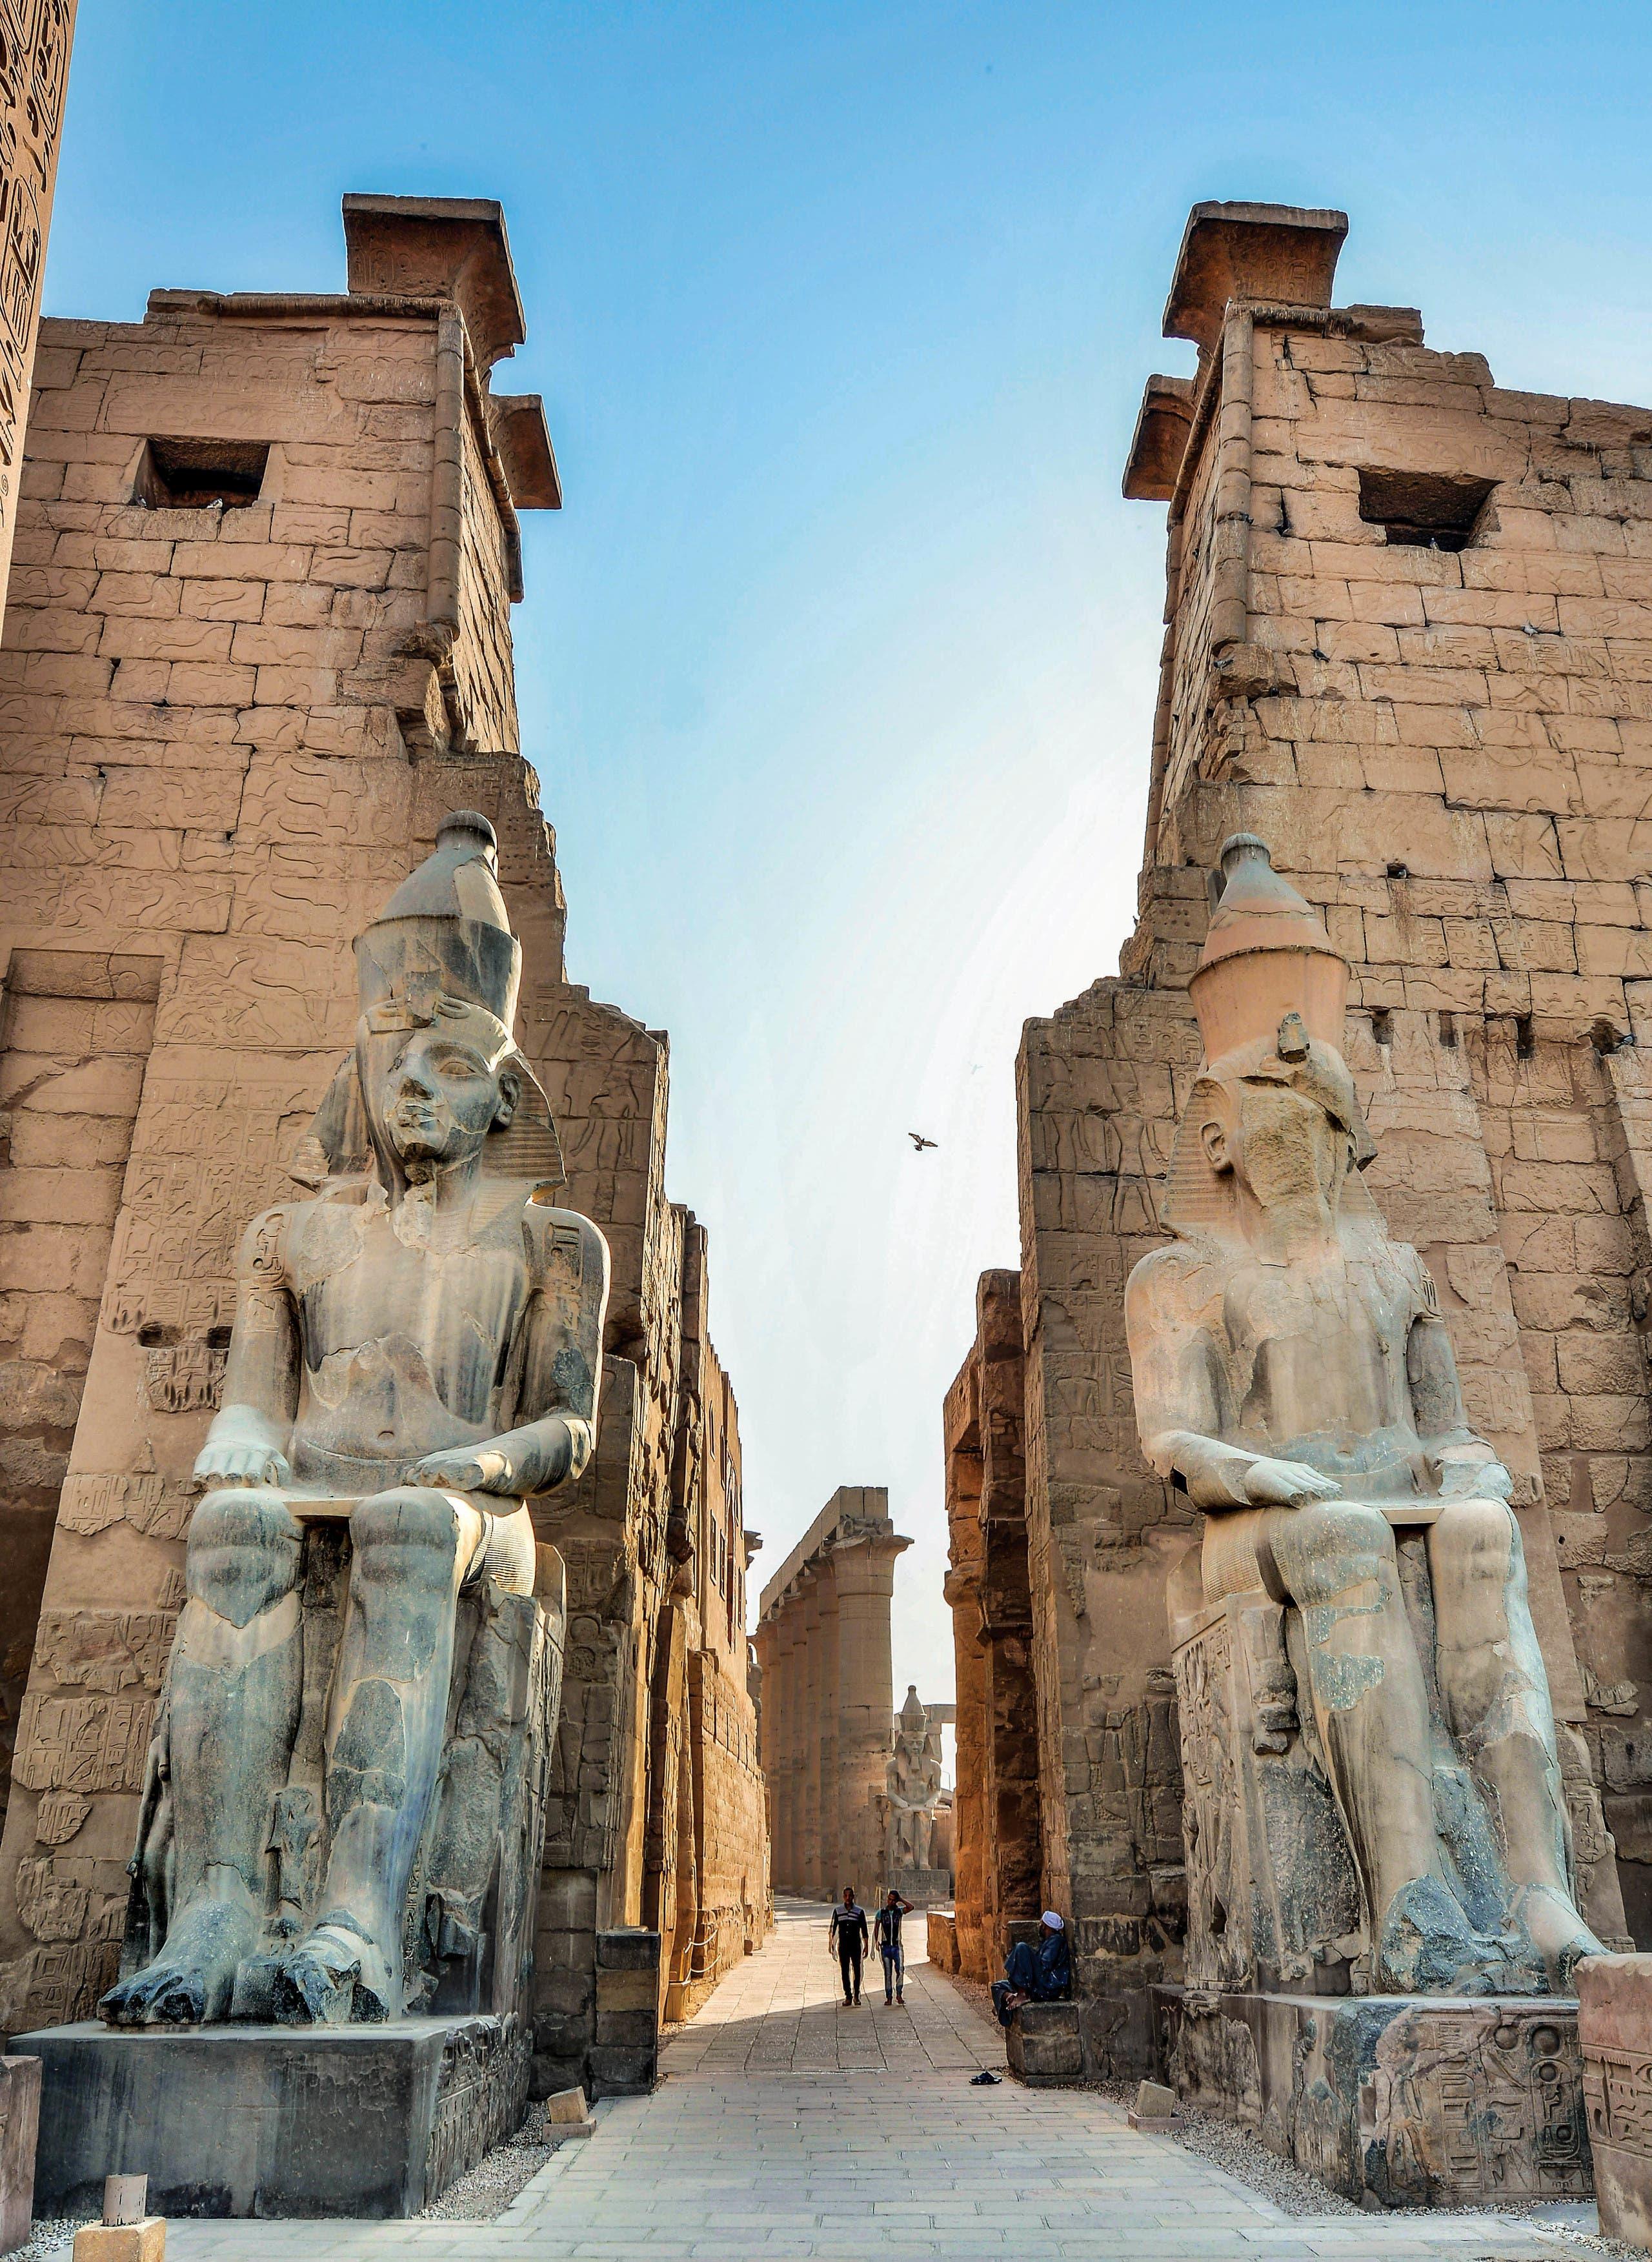 مدينة المئة باب أو مدينة الشمس ..تاريخ الحضارة المصرية على شاطئ النيل